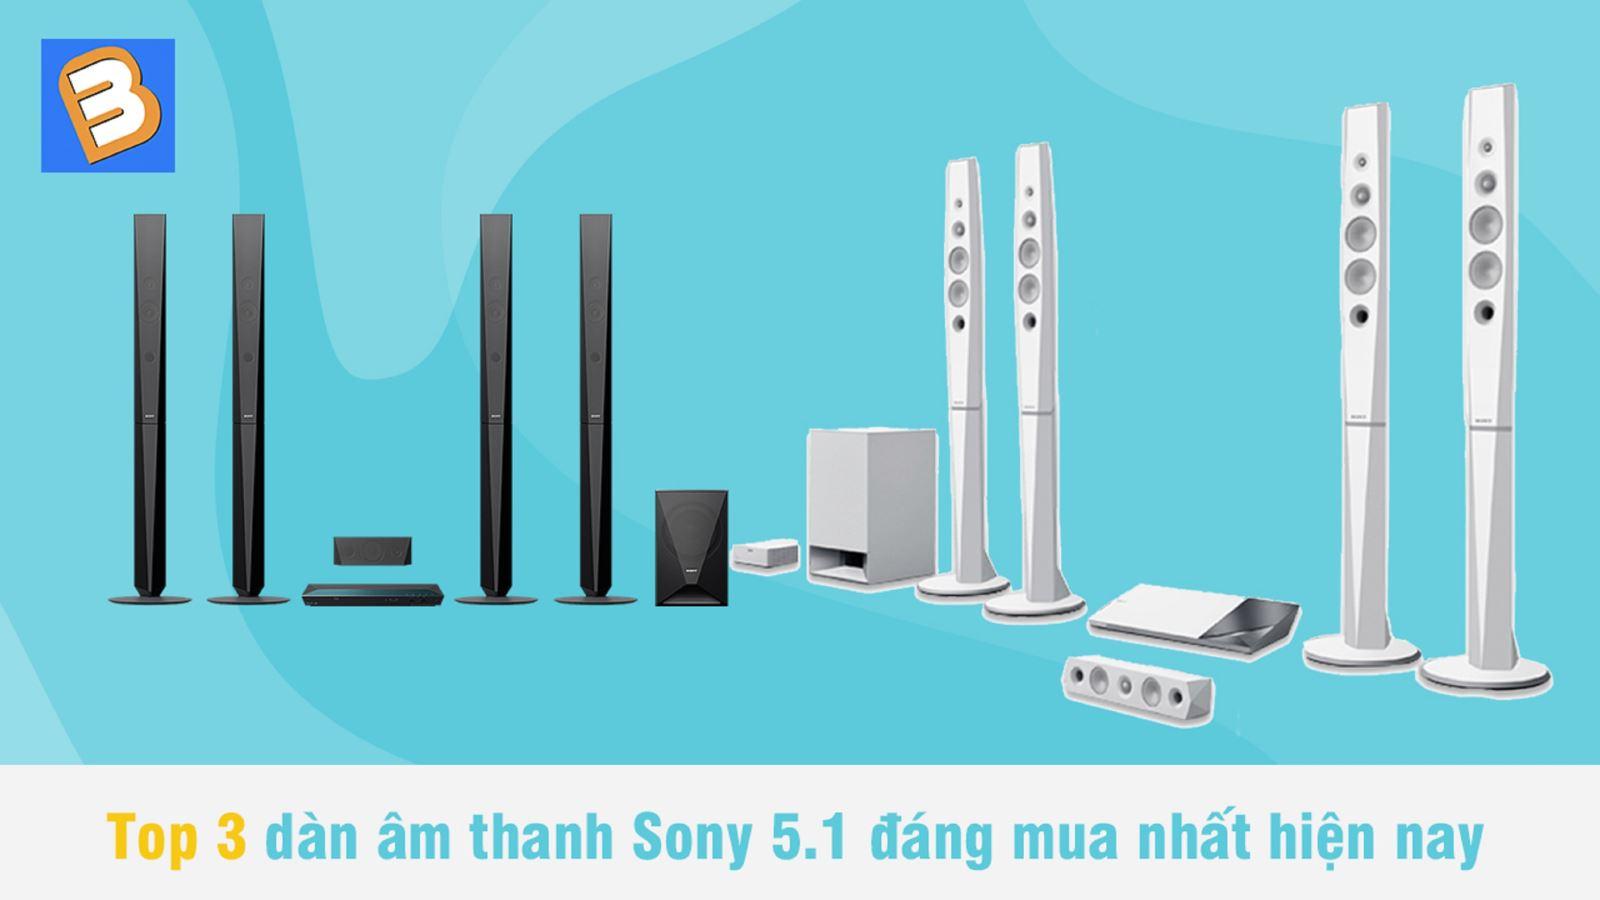 Top3 dàn âm thanh Sony 5.1 đáng mua nhất hiện nay